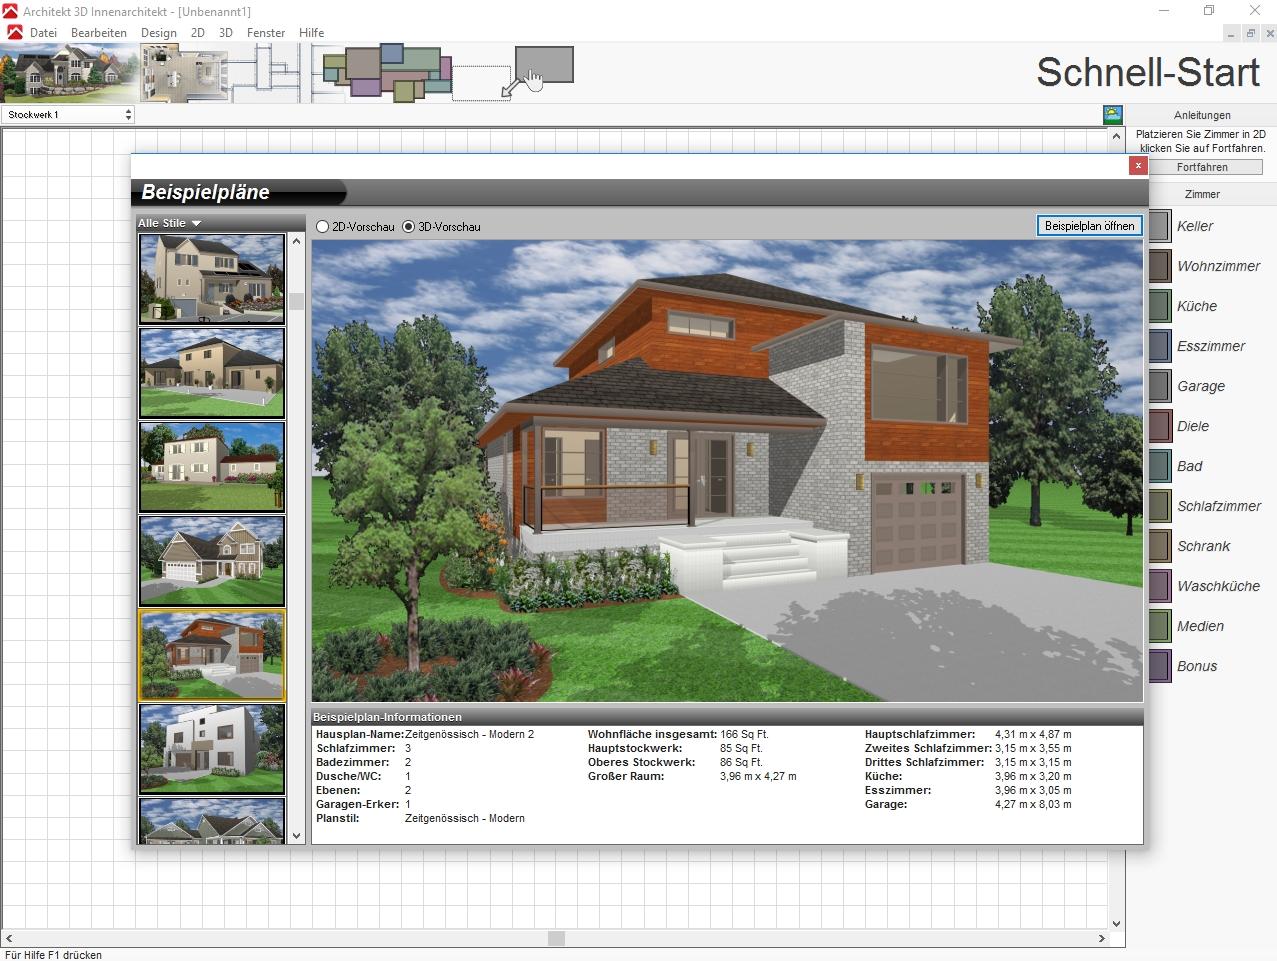 garten und innenr ume planen dank architekt 3d x9